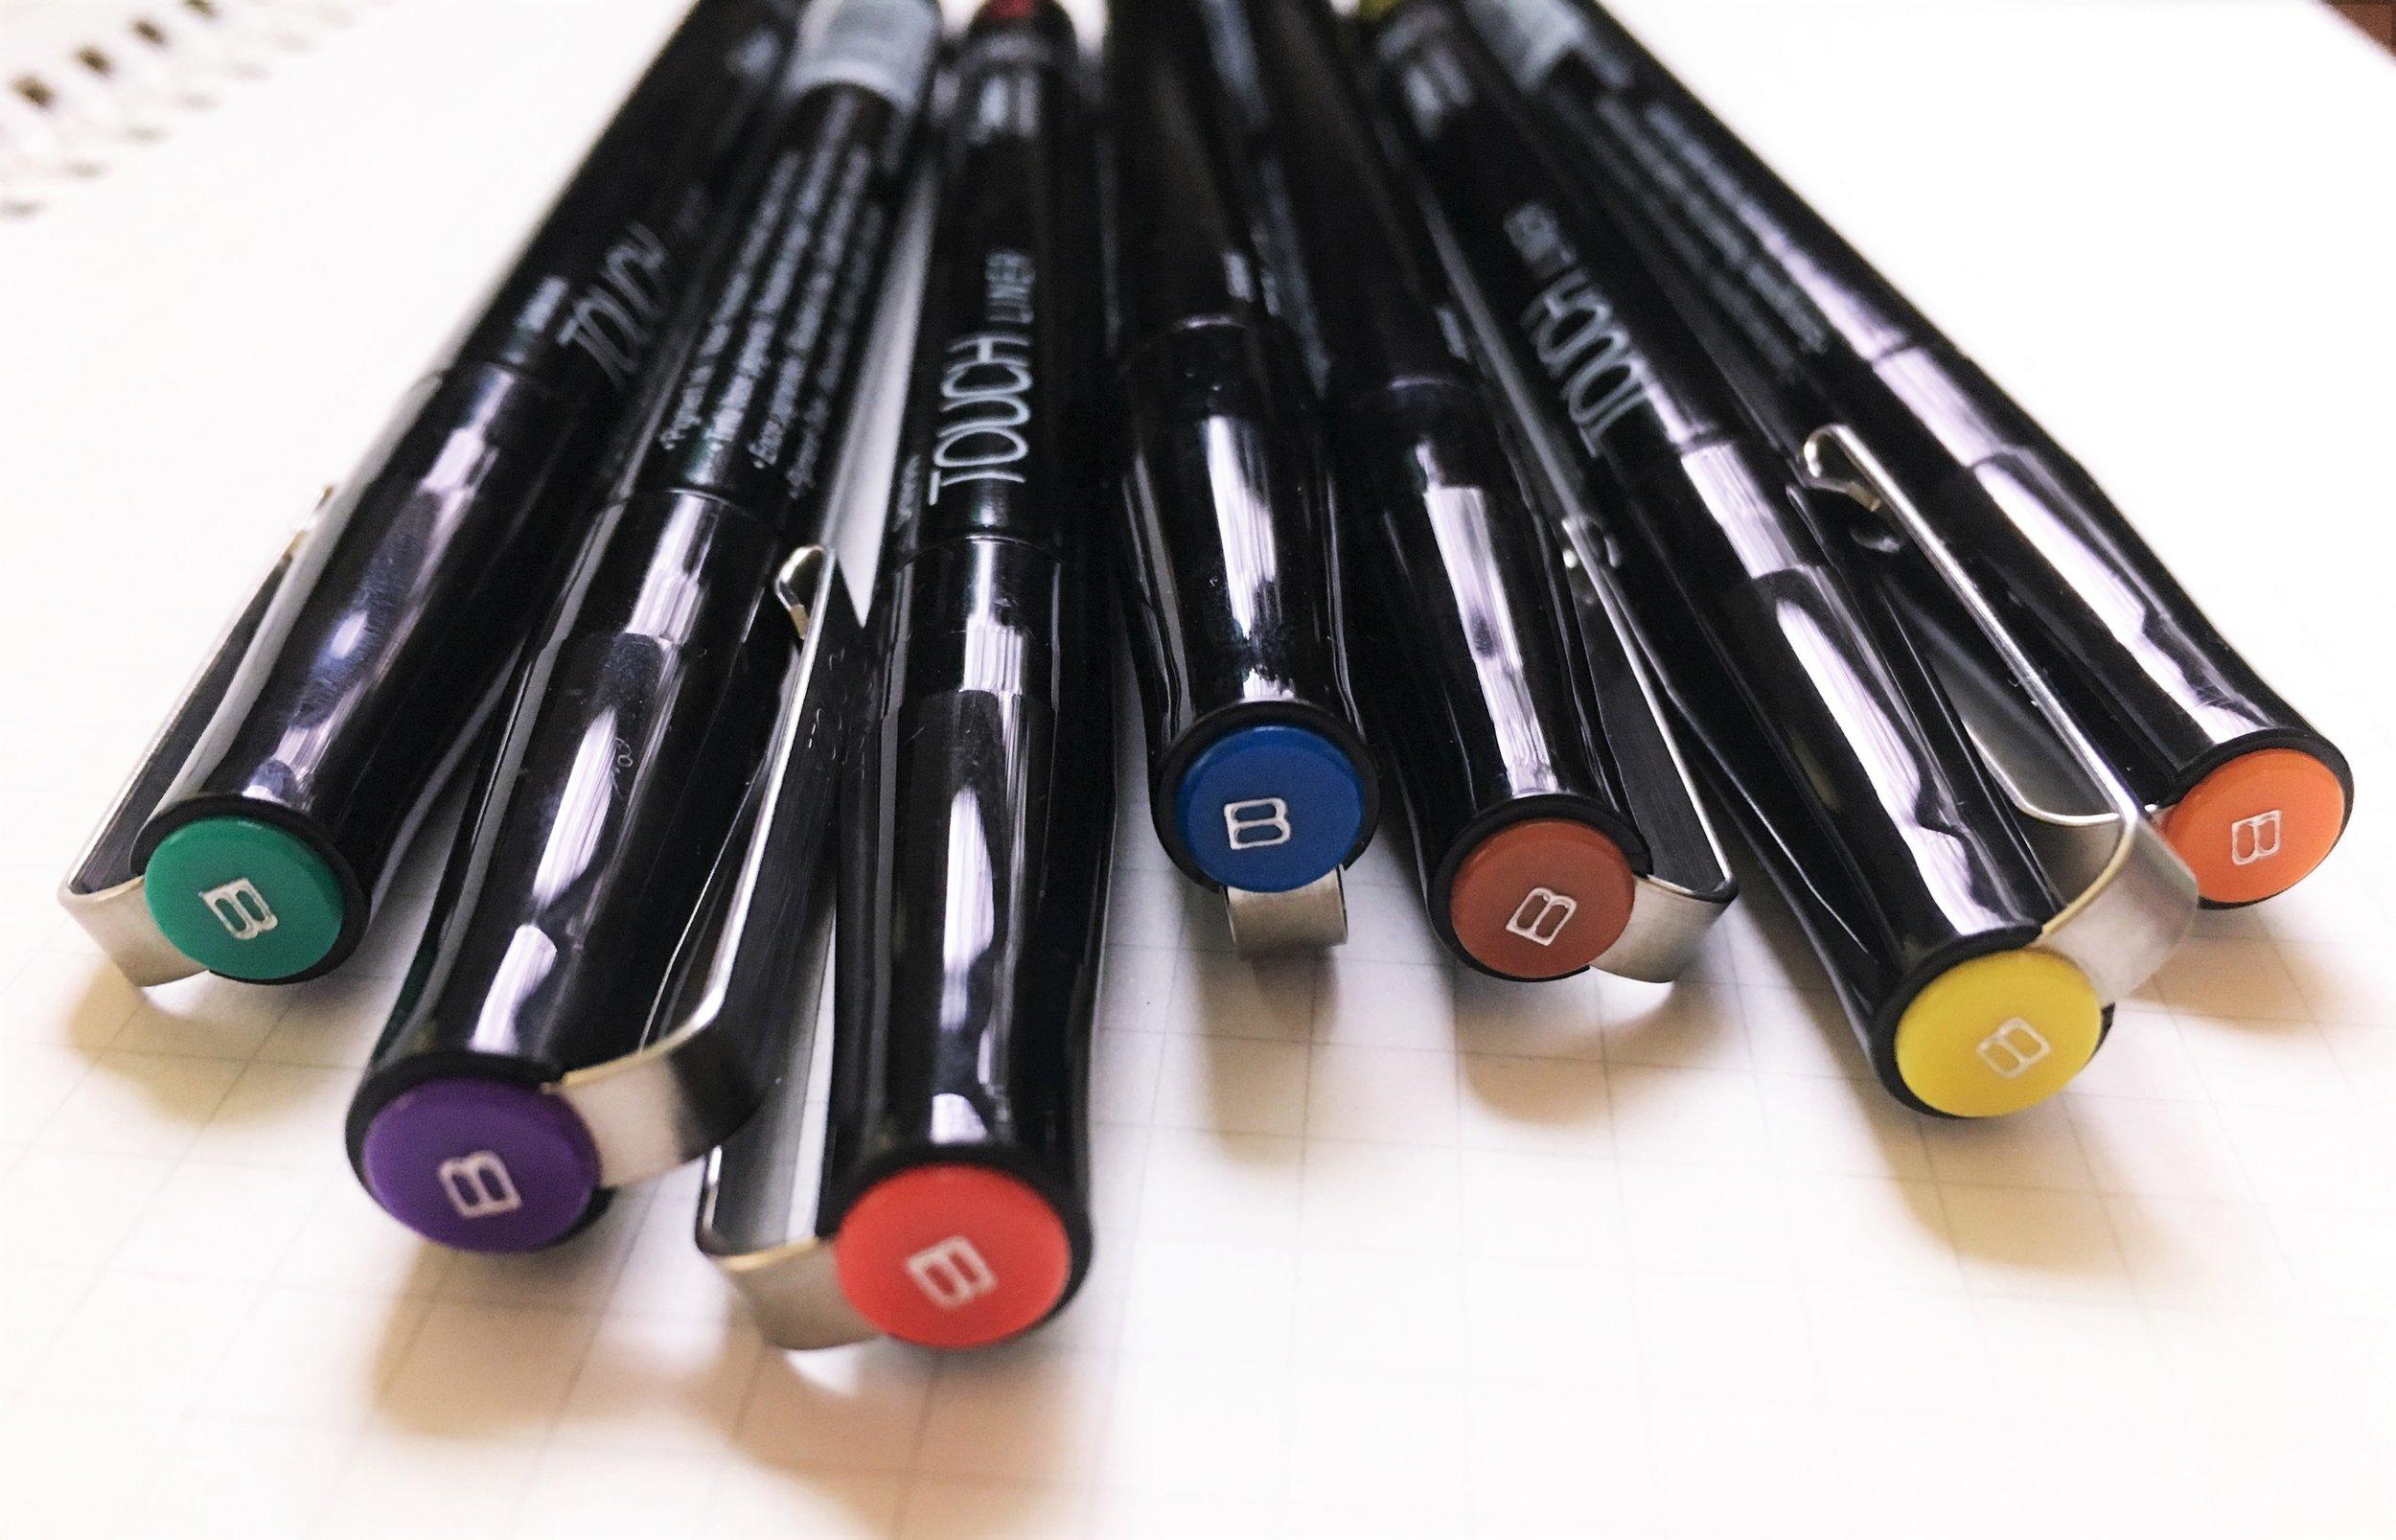 ShinHan Art Touch Liner Brush